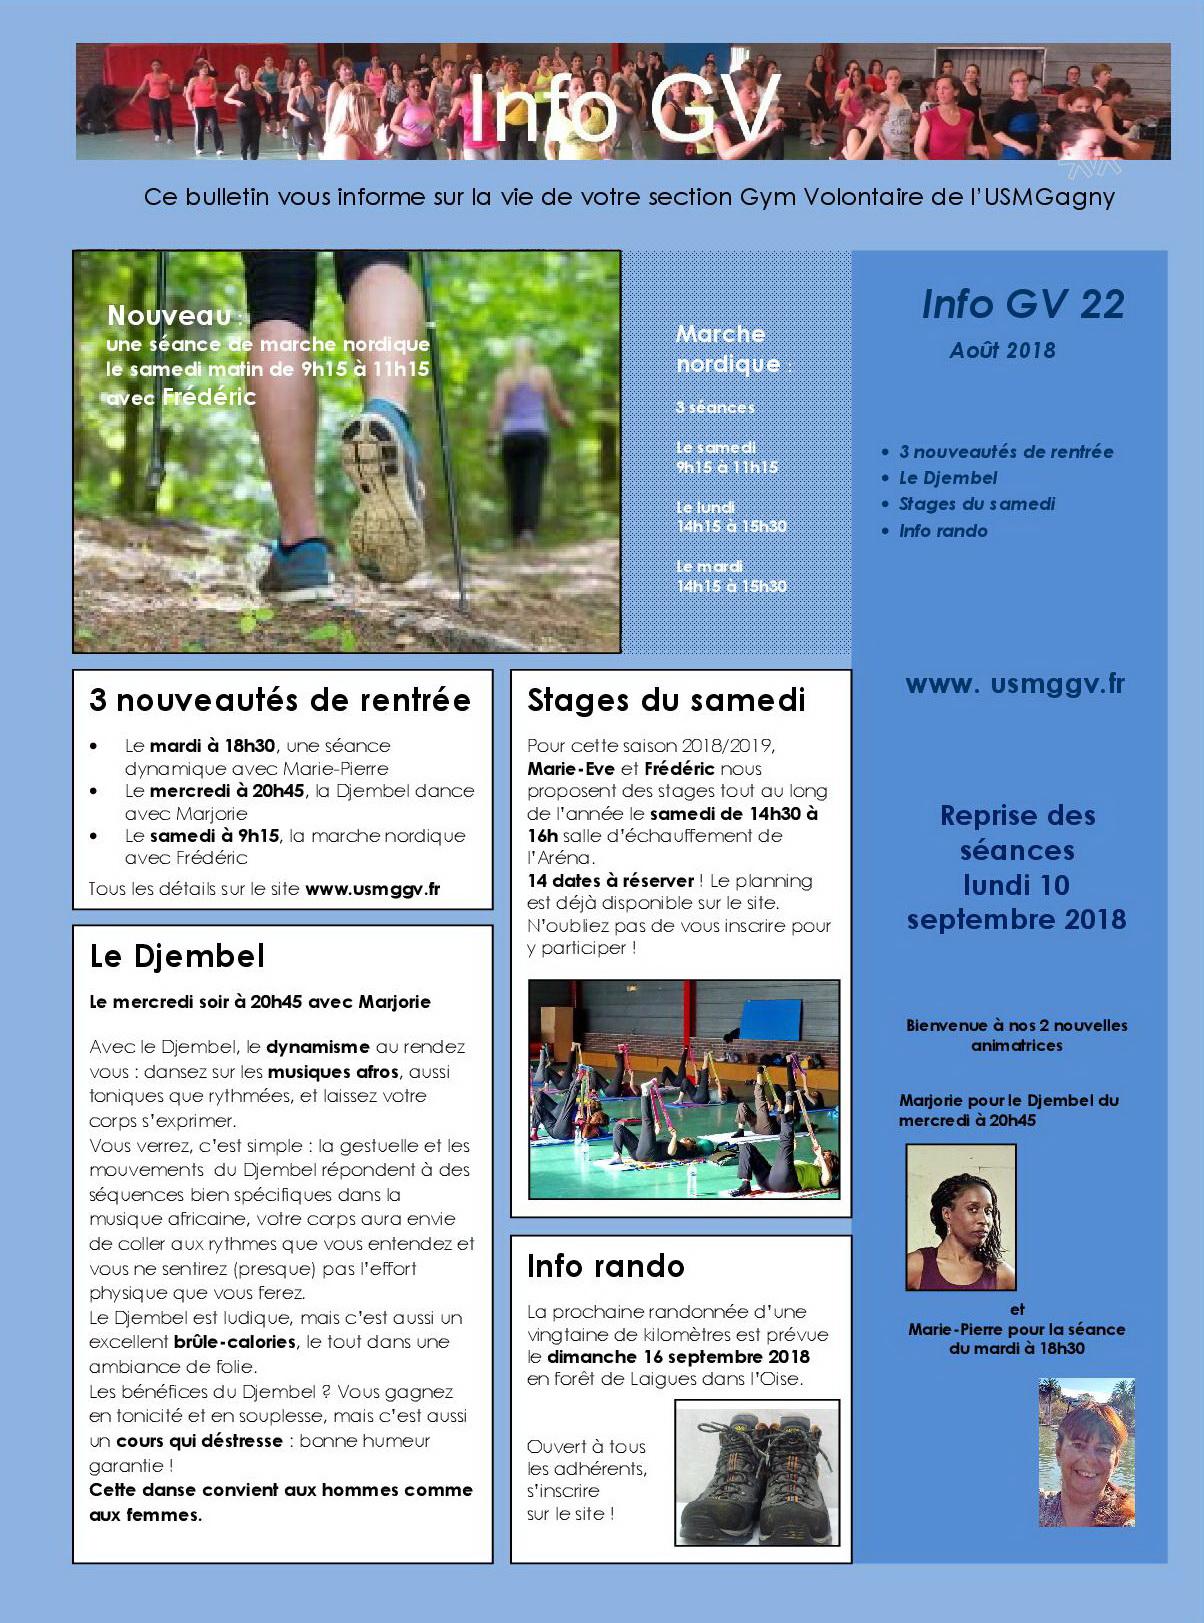 Info gv 22